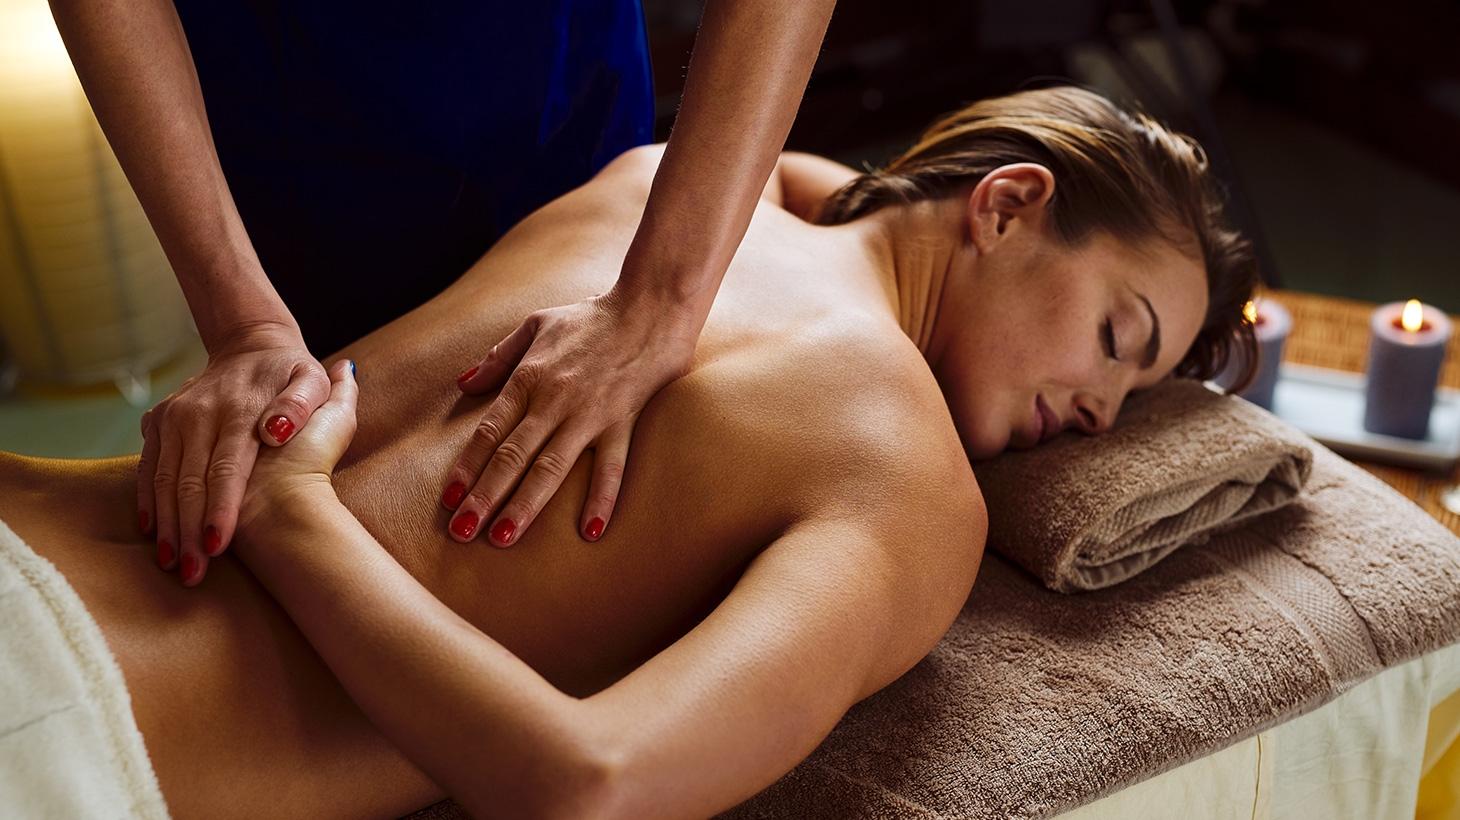 Лесбиянки делают массаж смотреть — 2